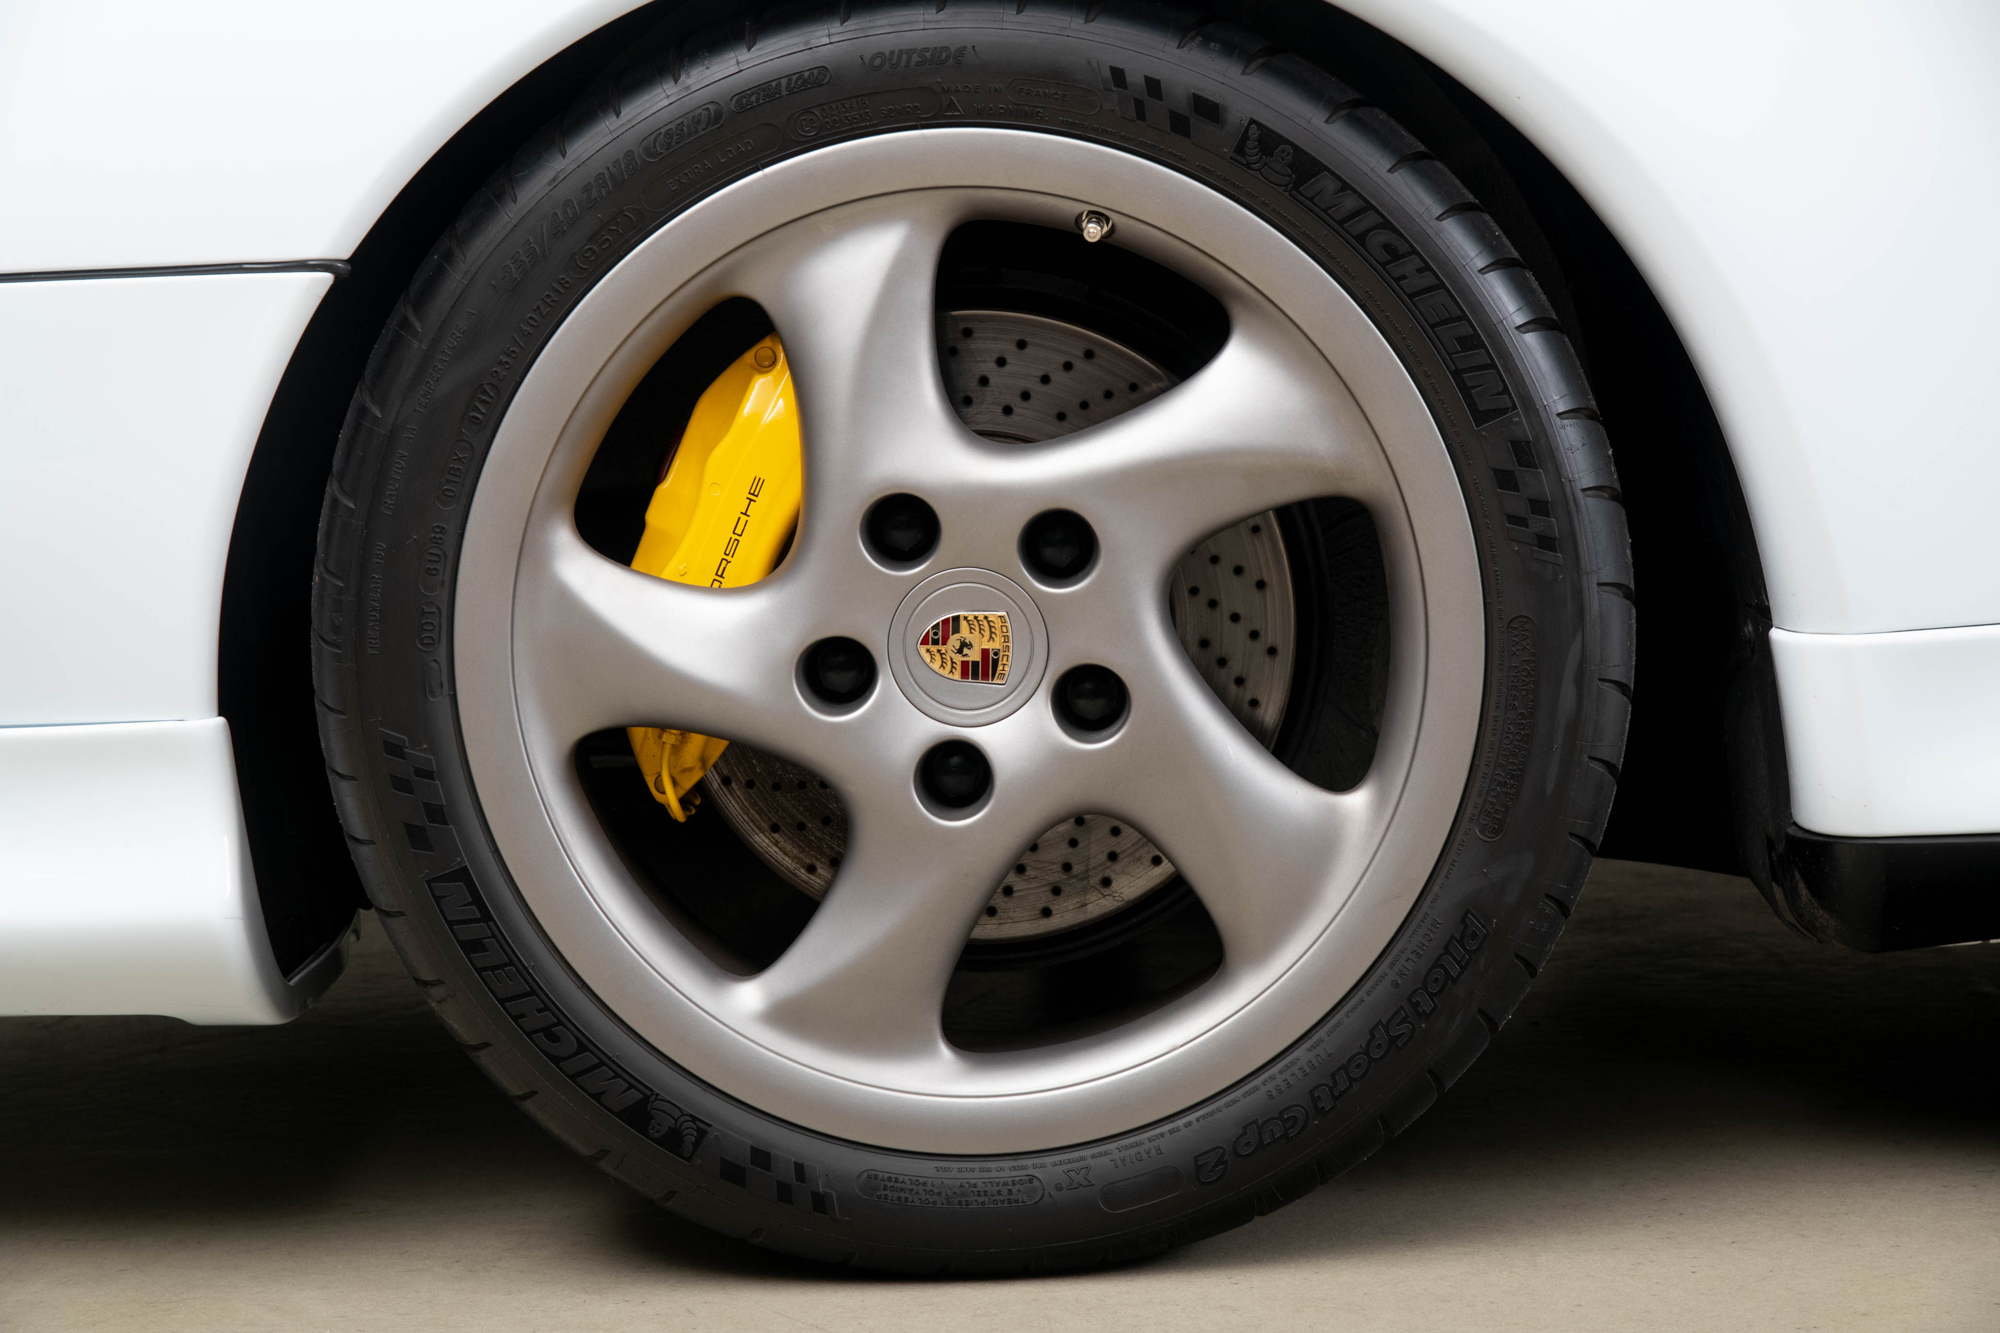 1998 Porsche 993 Andial C2S , GLACIER WHITE, VIN WP0AA2998WS321280, MILEAGE 33286